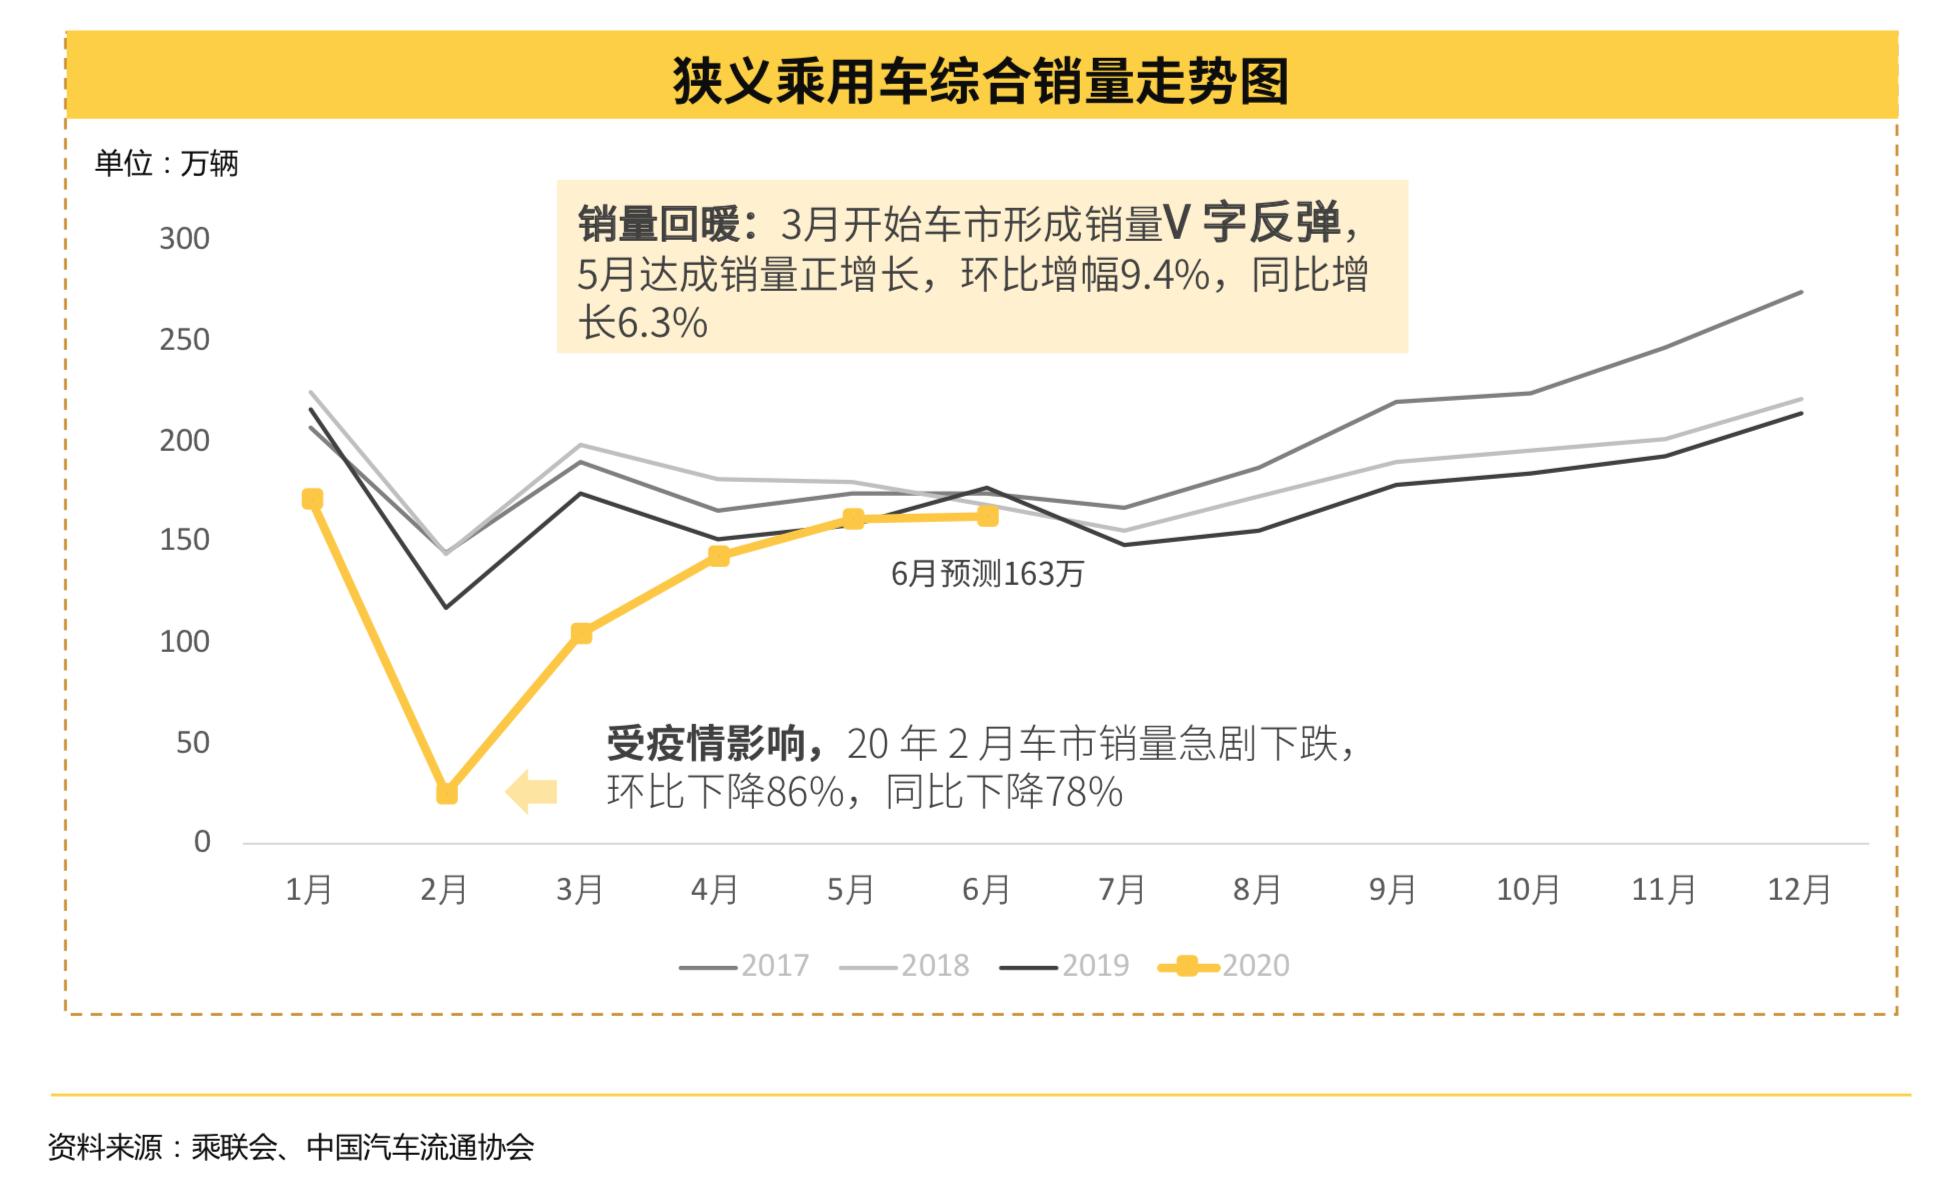 懂車帝發布2020上半年汽車市場報告:用戶購車意愿高于去年同期三倍